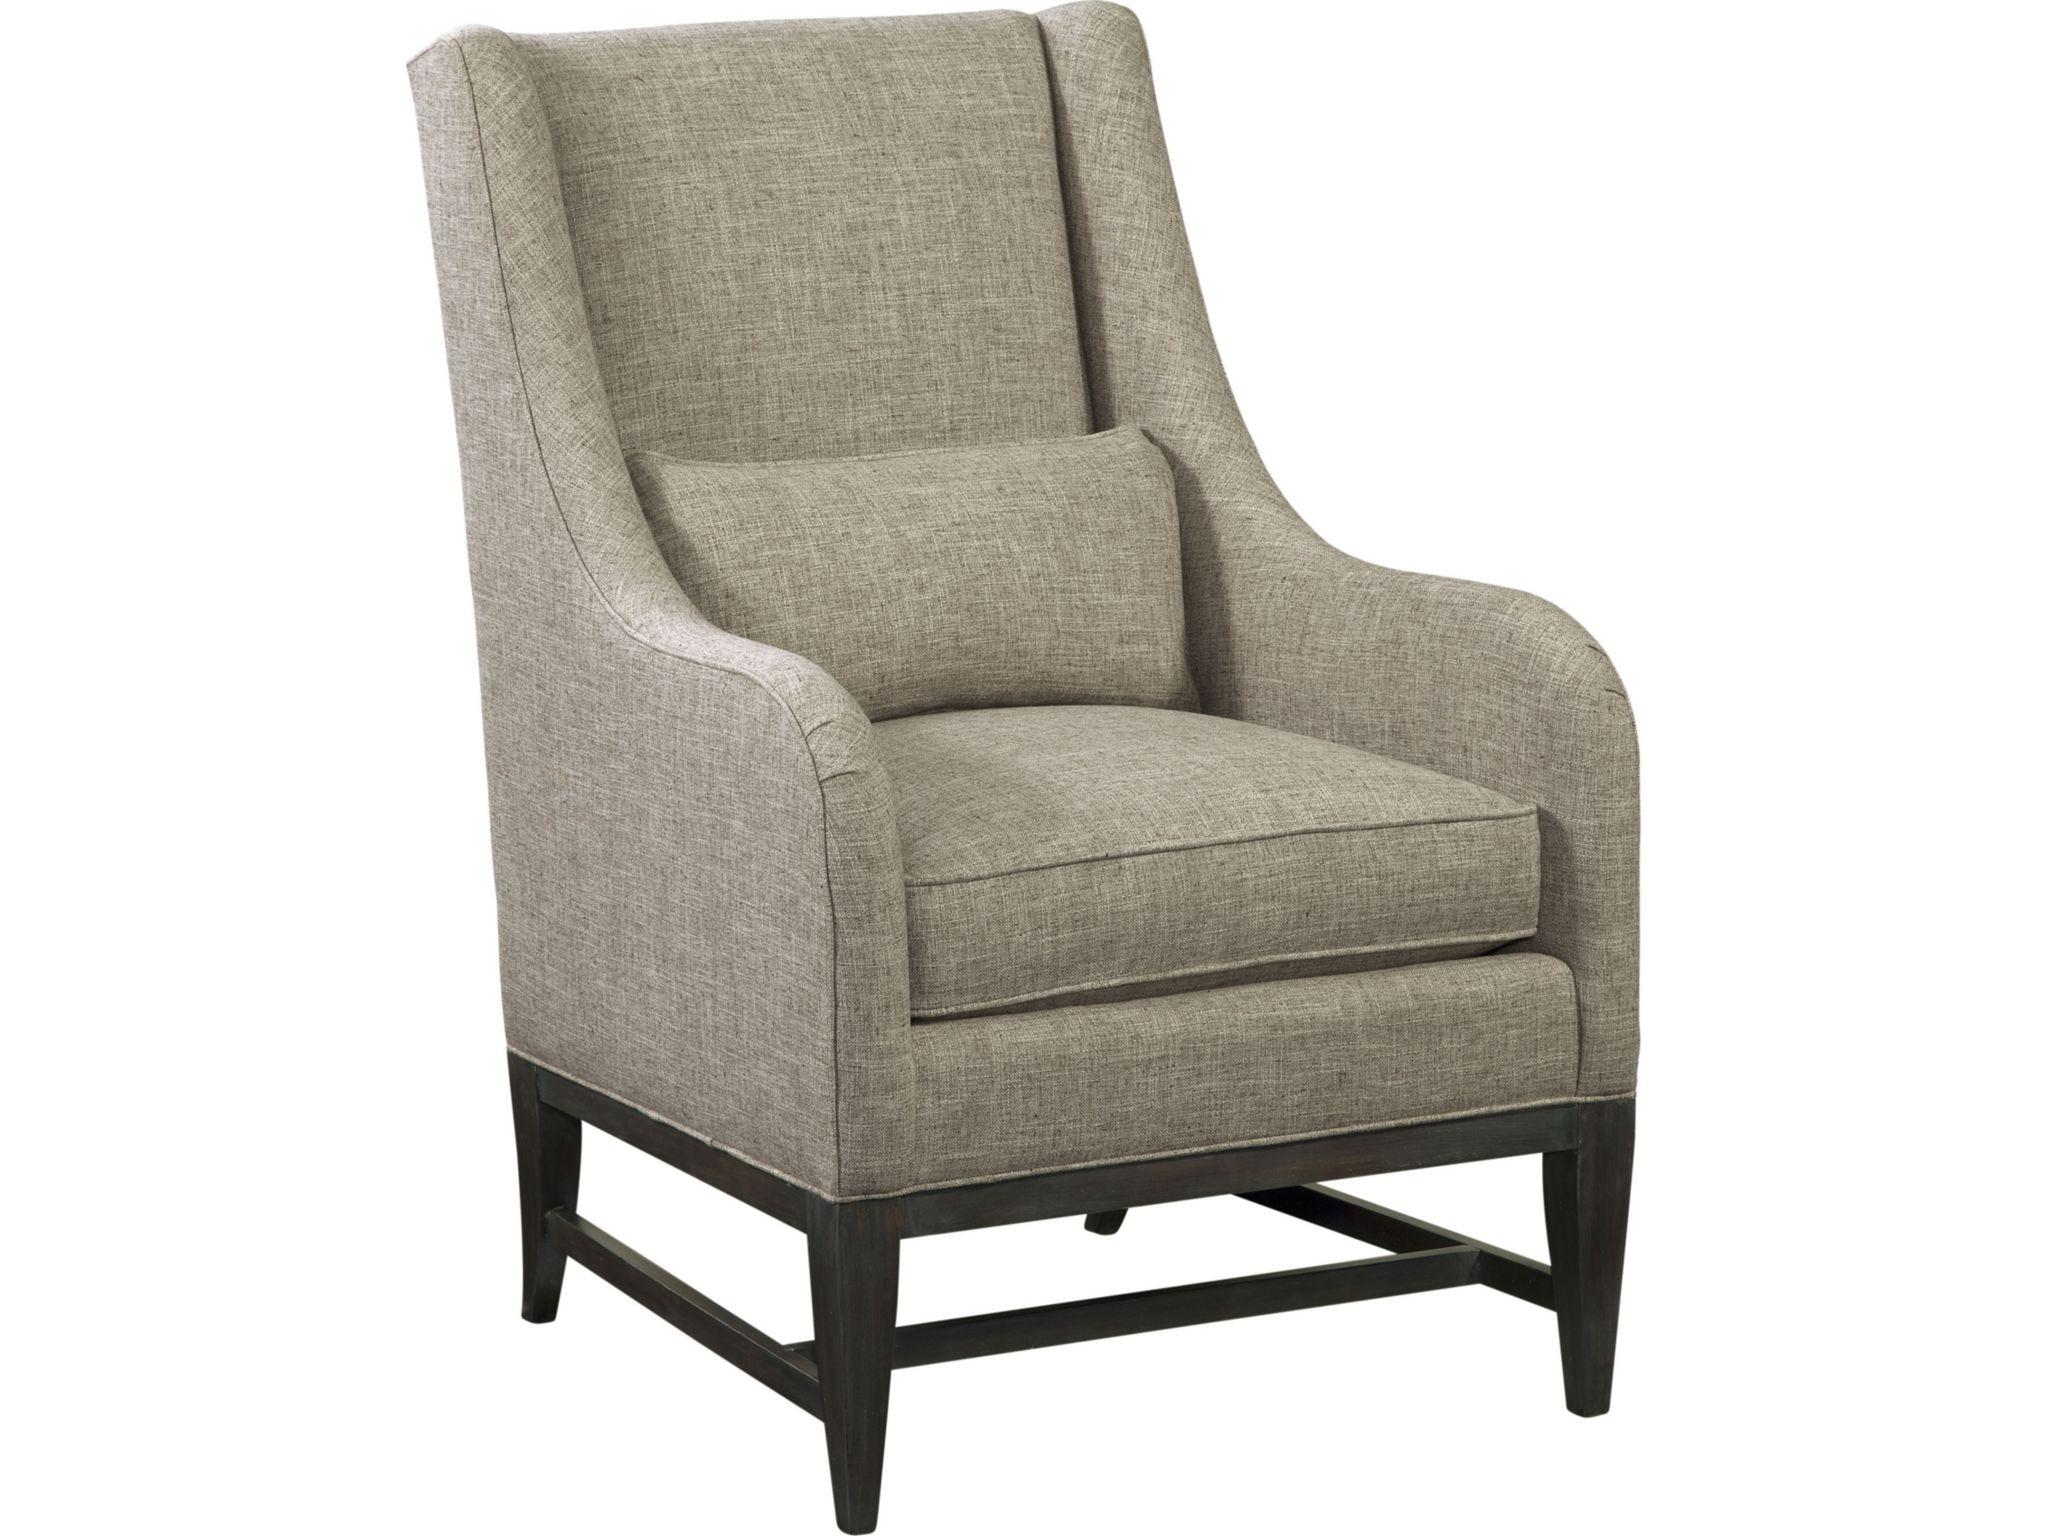 2322 15. Loudun Chair